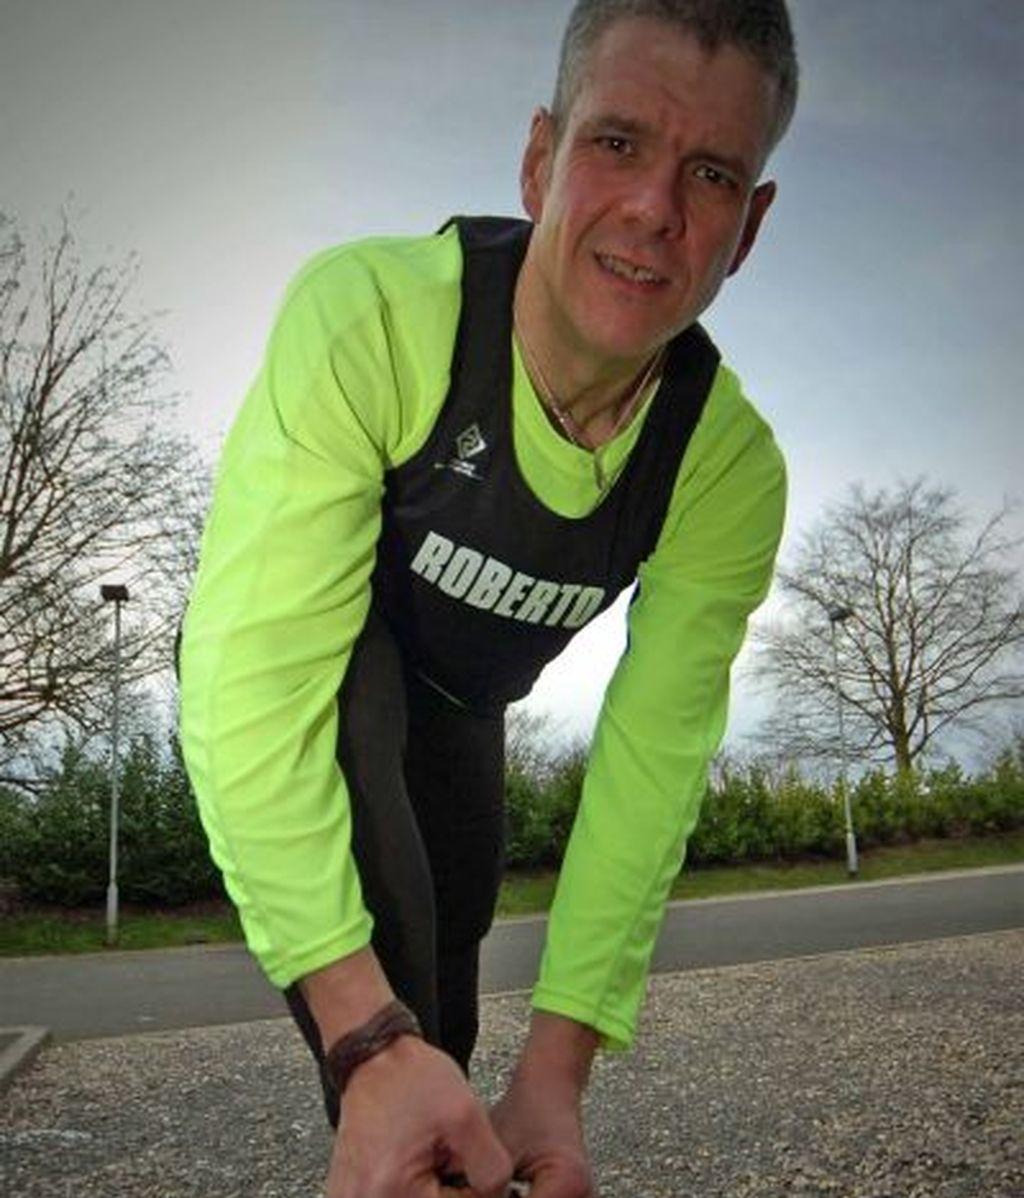 159 kilos menos para correr la maratón de Londres